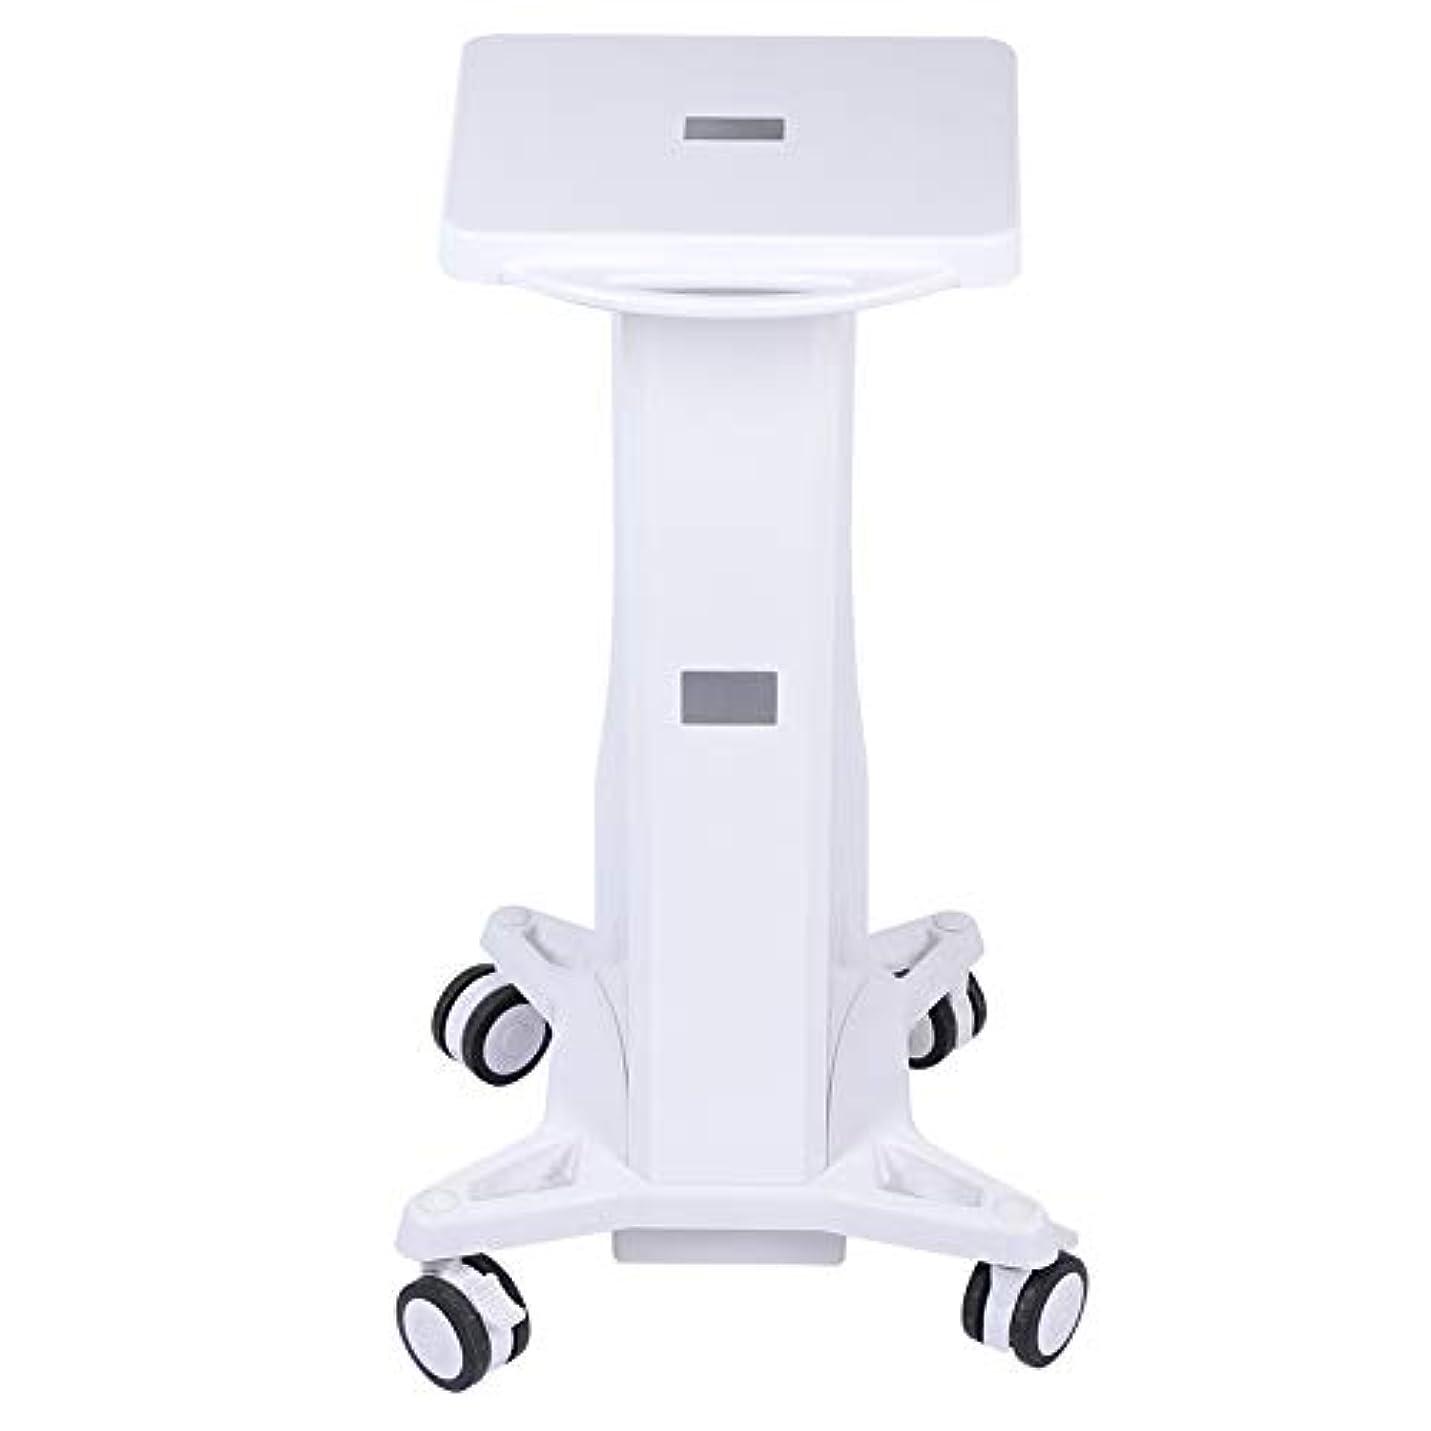 若さコンピューターバター大広間の器械の皿のトロリー、安定した台の圧延のカートの車輪の立場のトロリー貯蔵のカートの美容院の美機械ホールダー